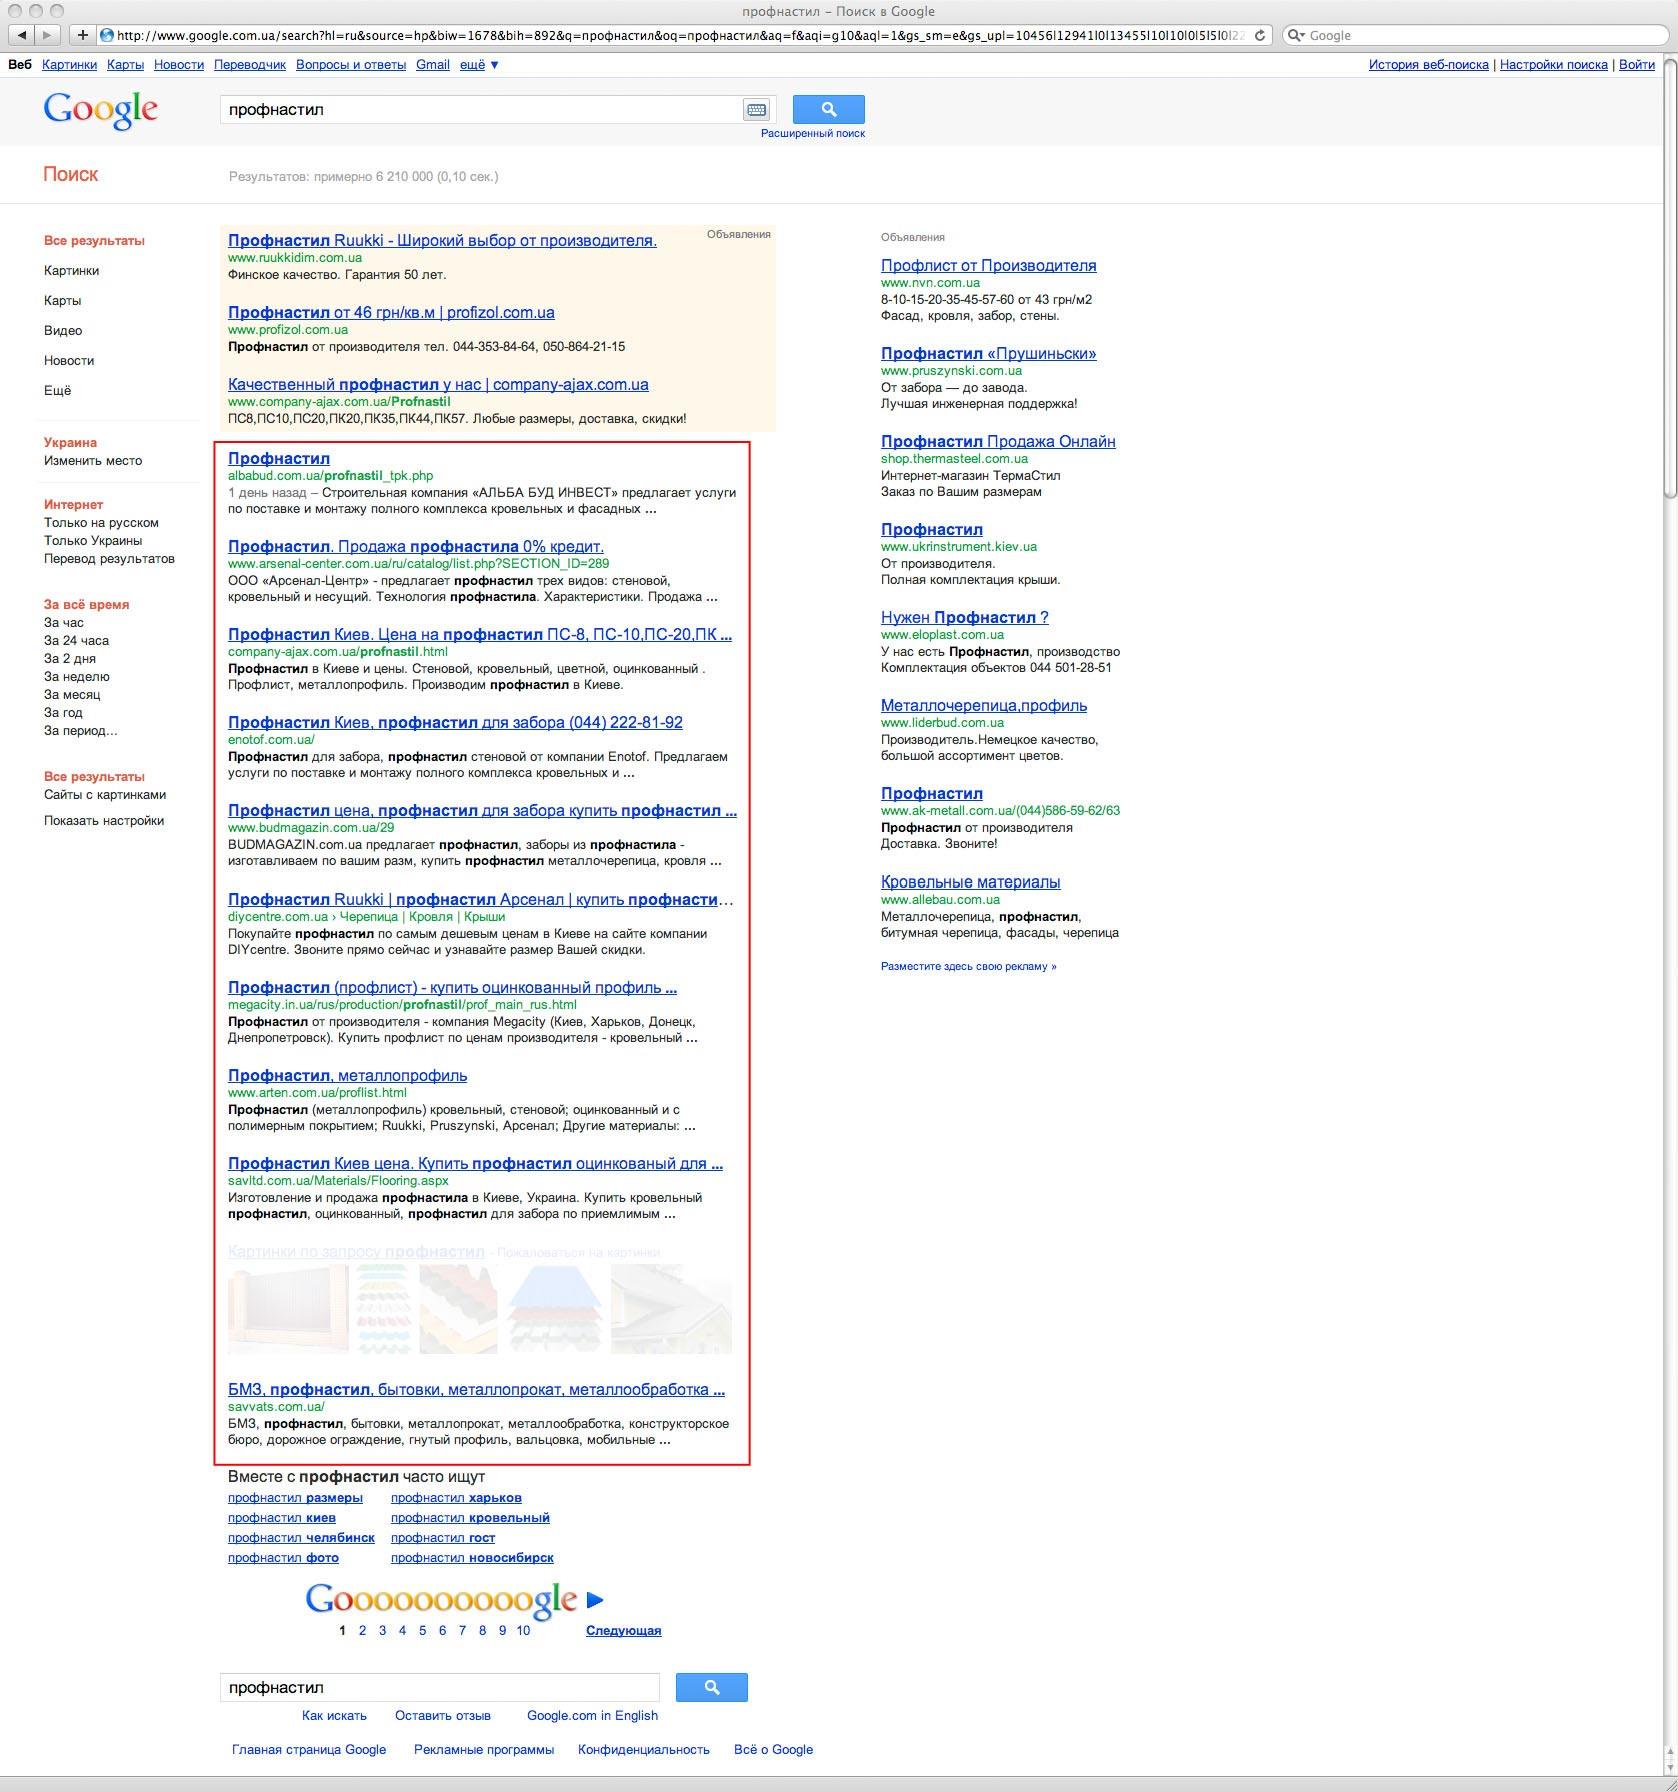 Результат раскрутки сайта в Google